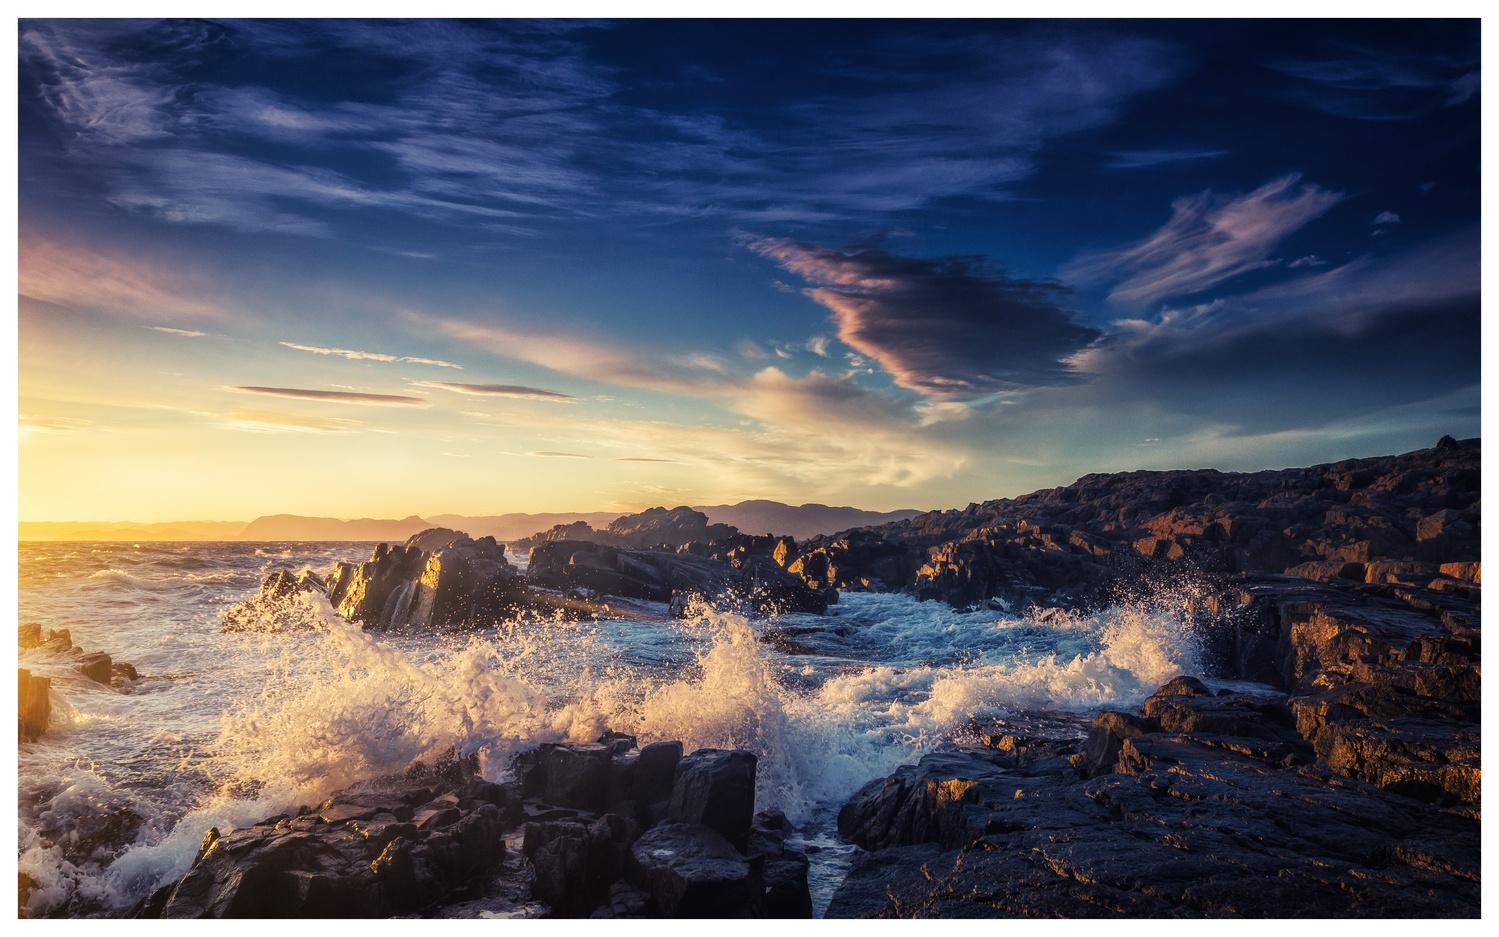 Crushing waves by Bjørn - Audun Myhre